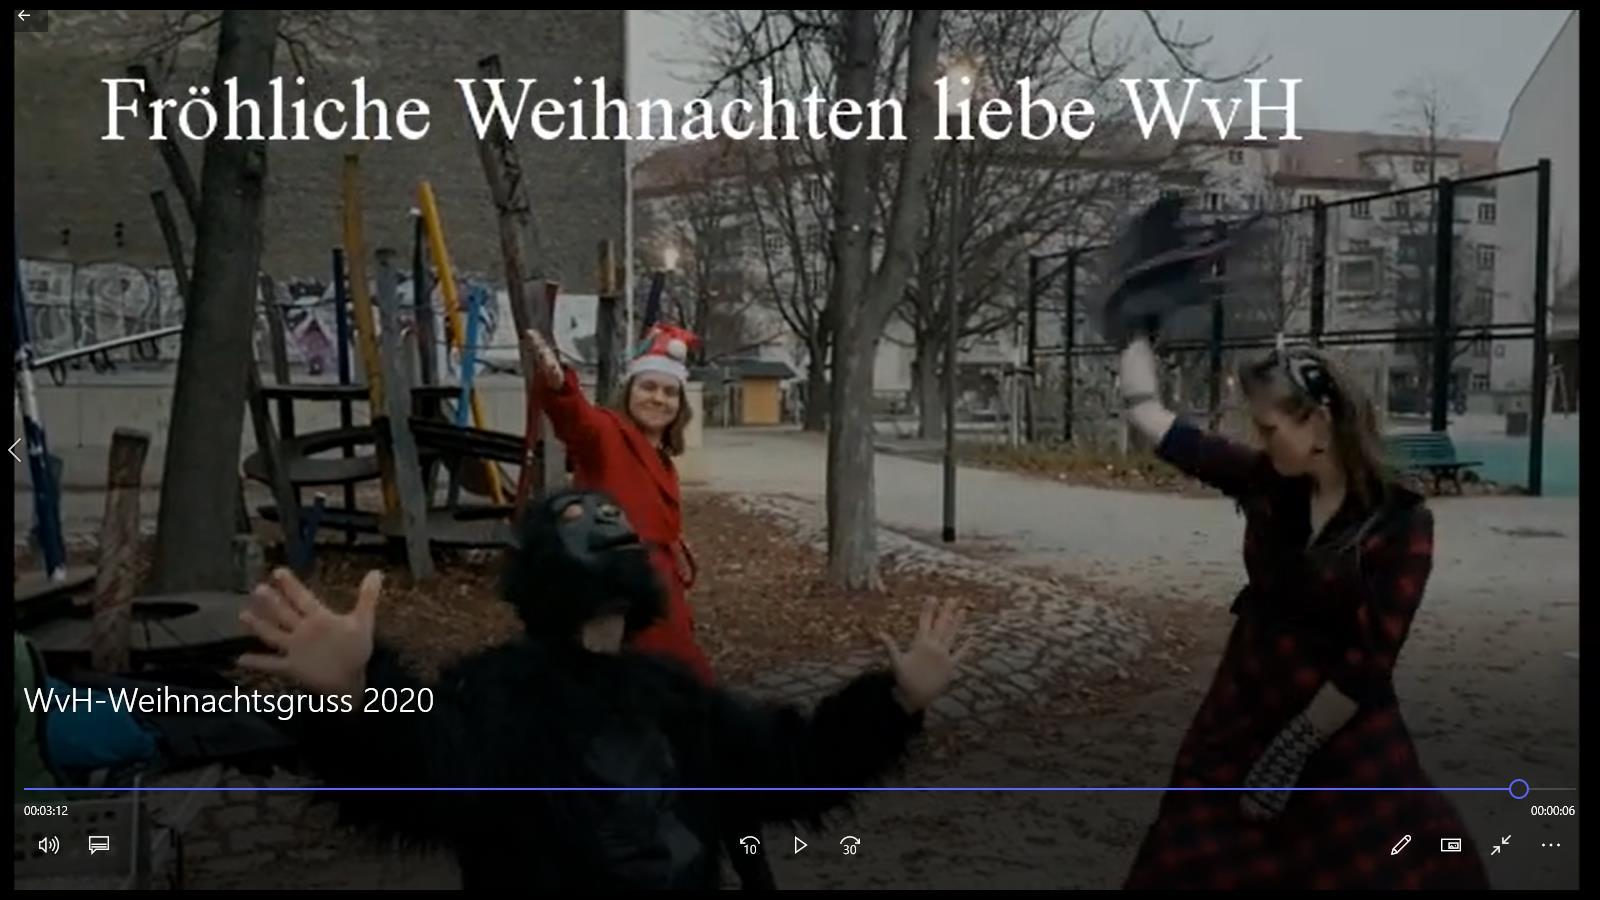 WvH-Weihnachtsgruss 2020